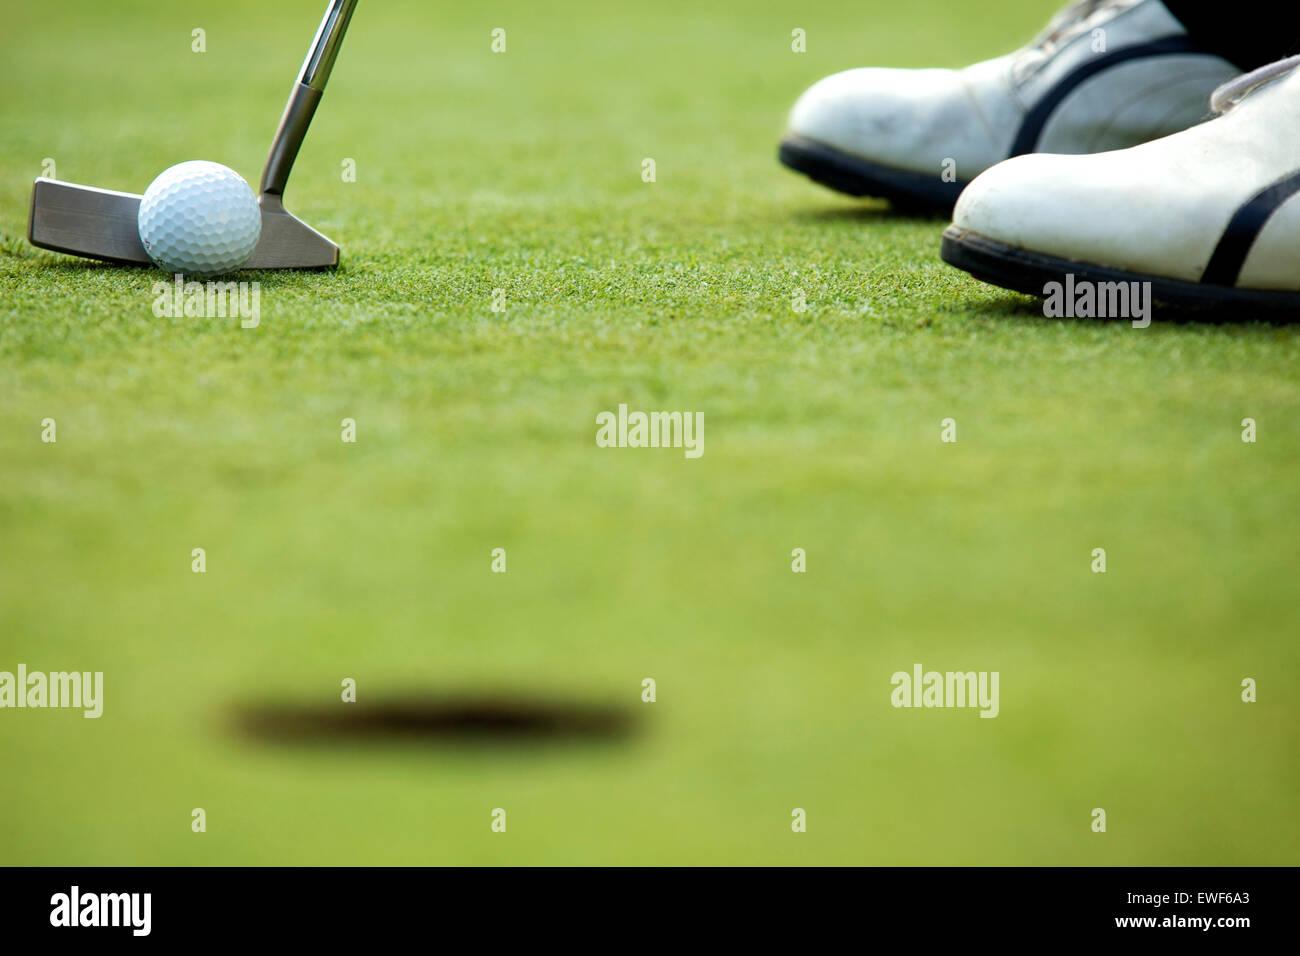 Ein Golf-Club auf einem Golfplatz Stockbild